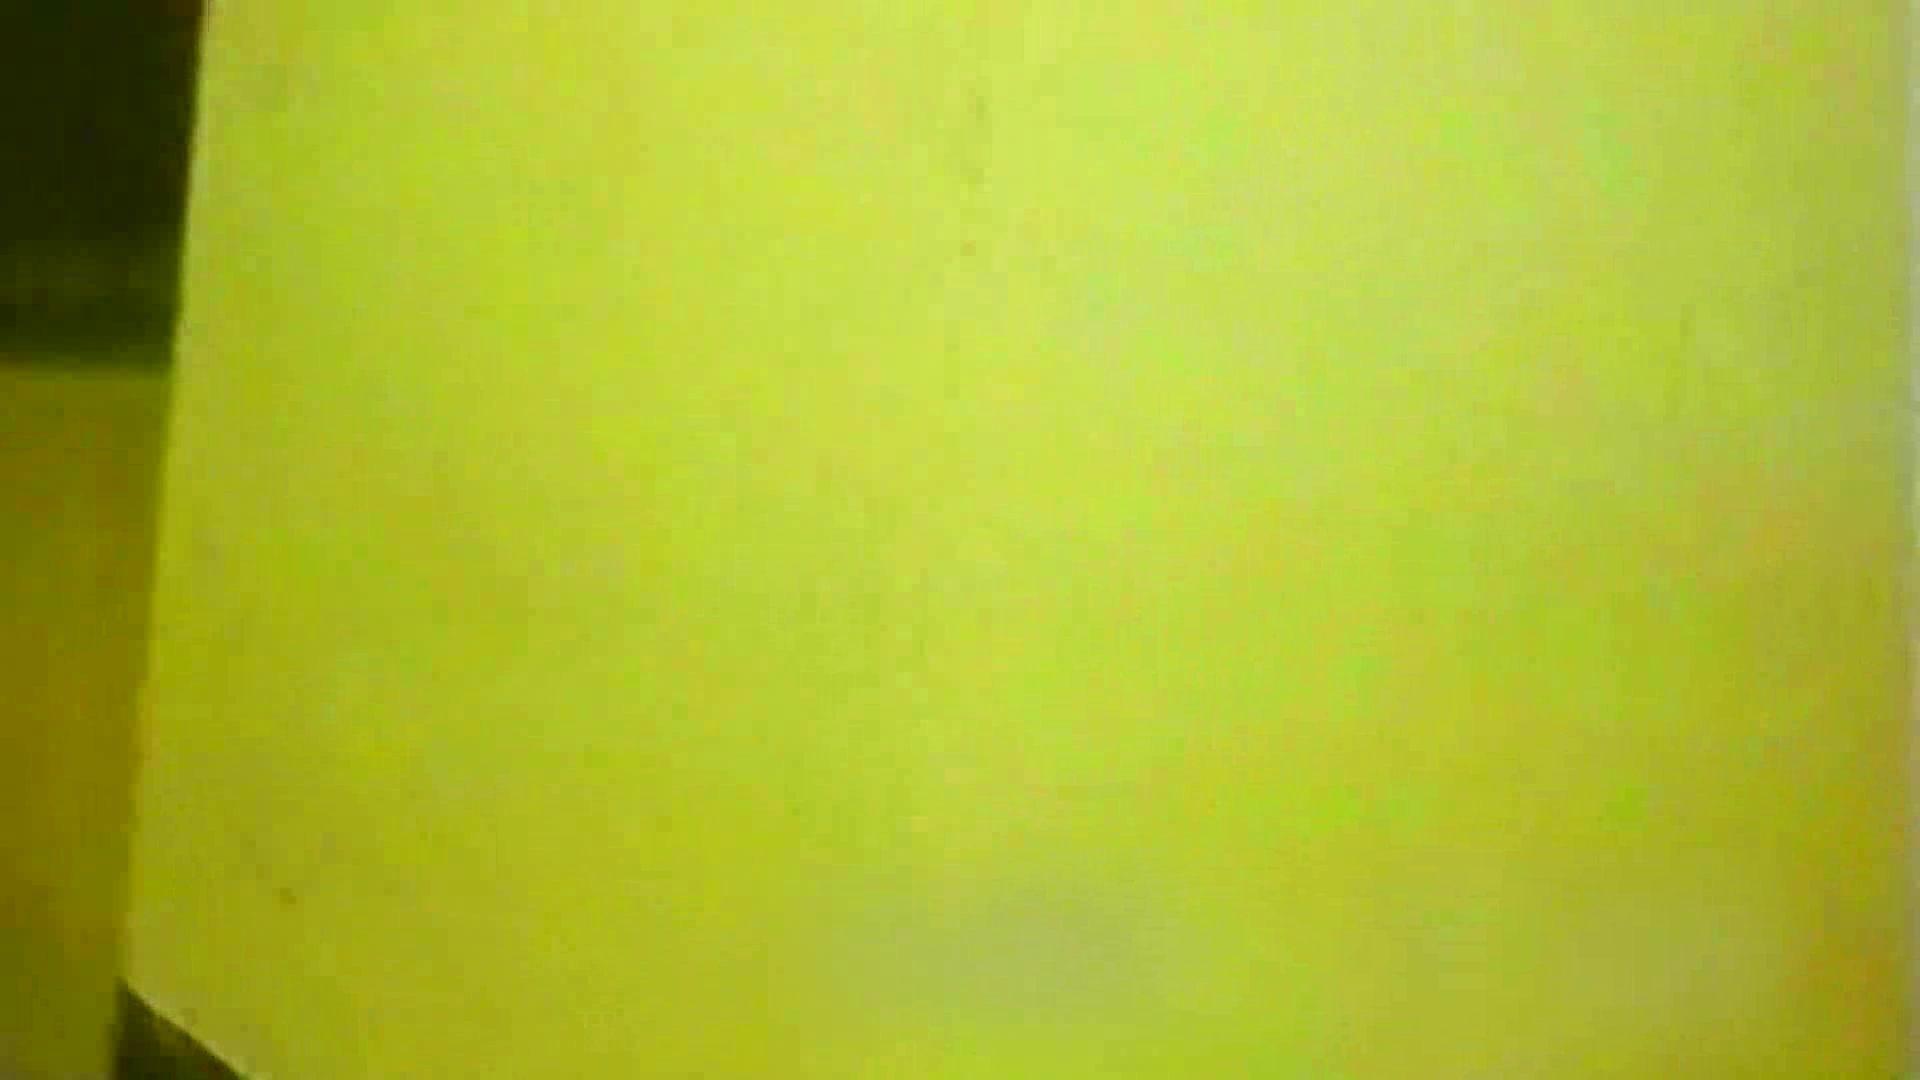 行くぜ!がっつり男風呂!Vol.05 裸 | イケメン合体  52連発 22